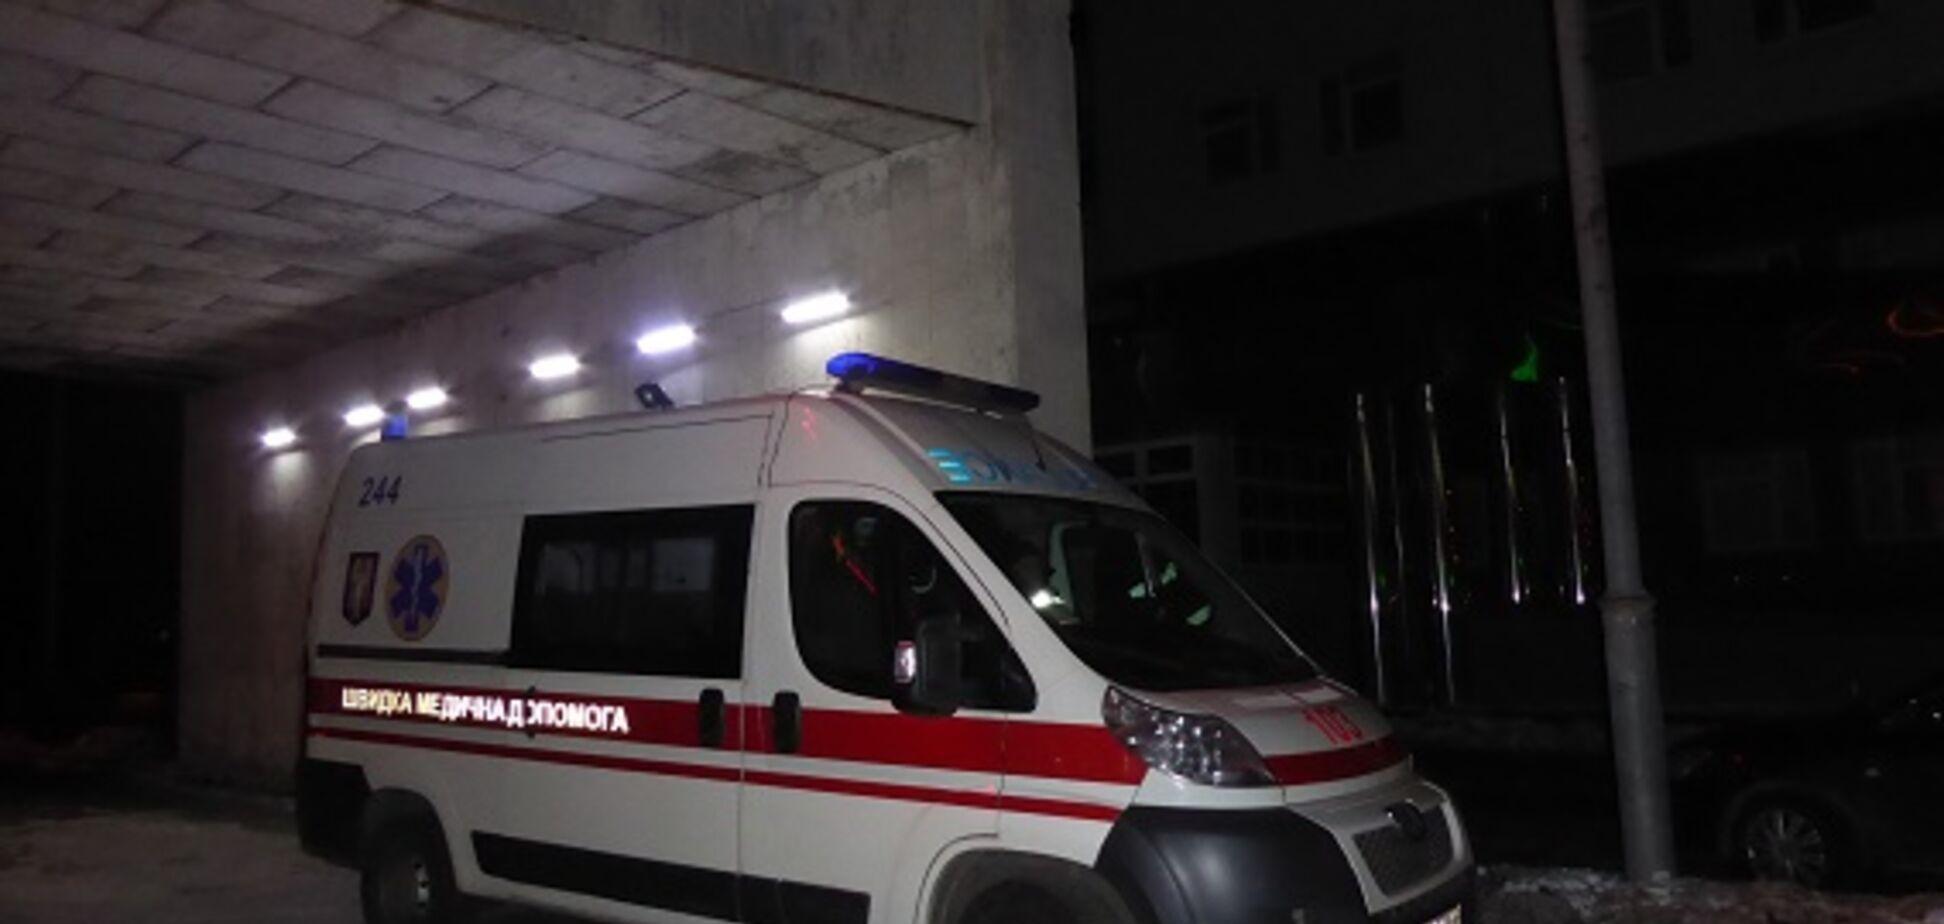 Заступился за кондуктора: в Киеве избили и подстрелили мужчину